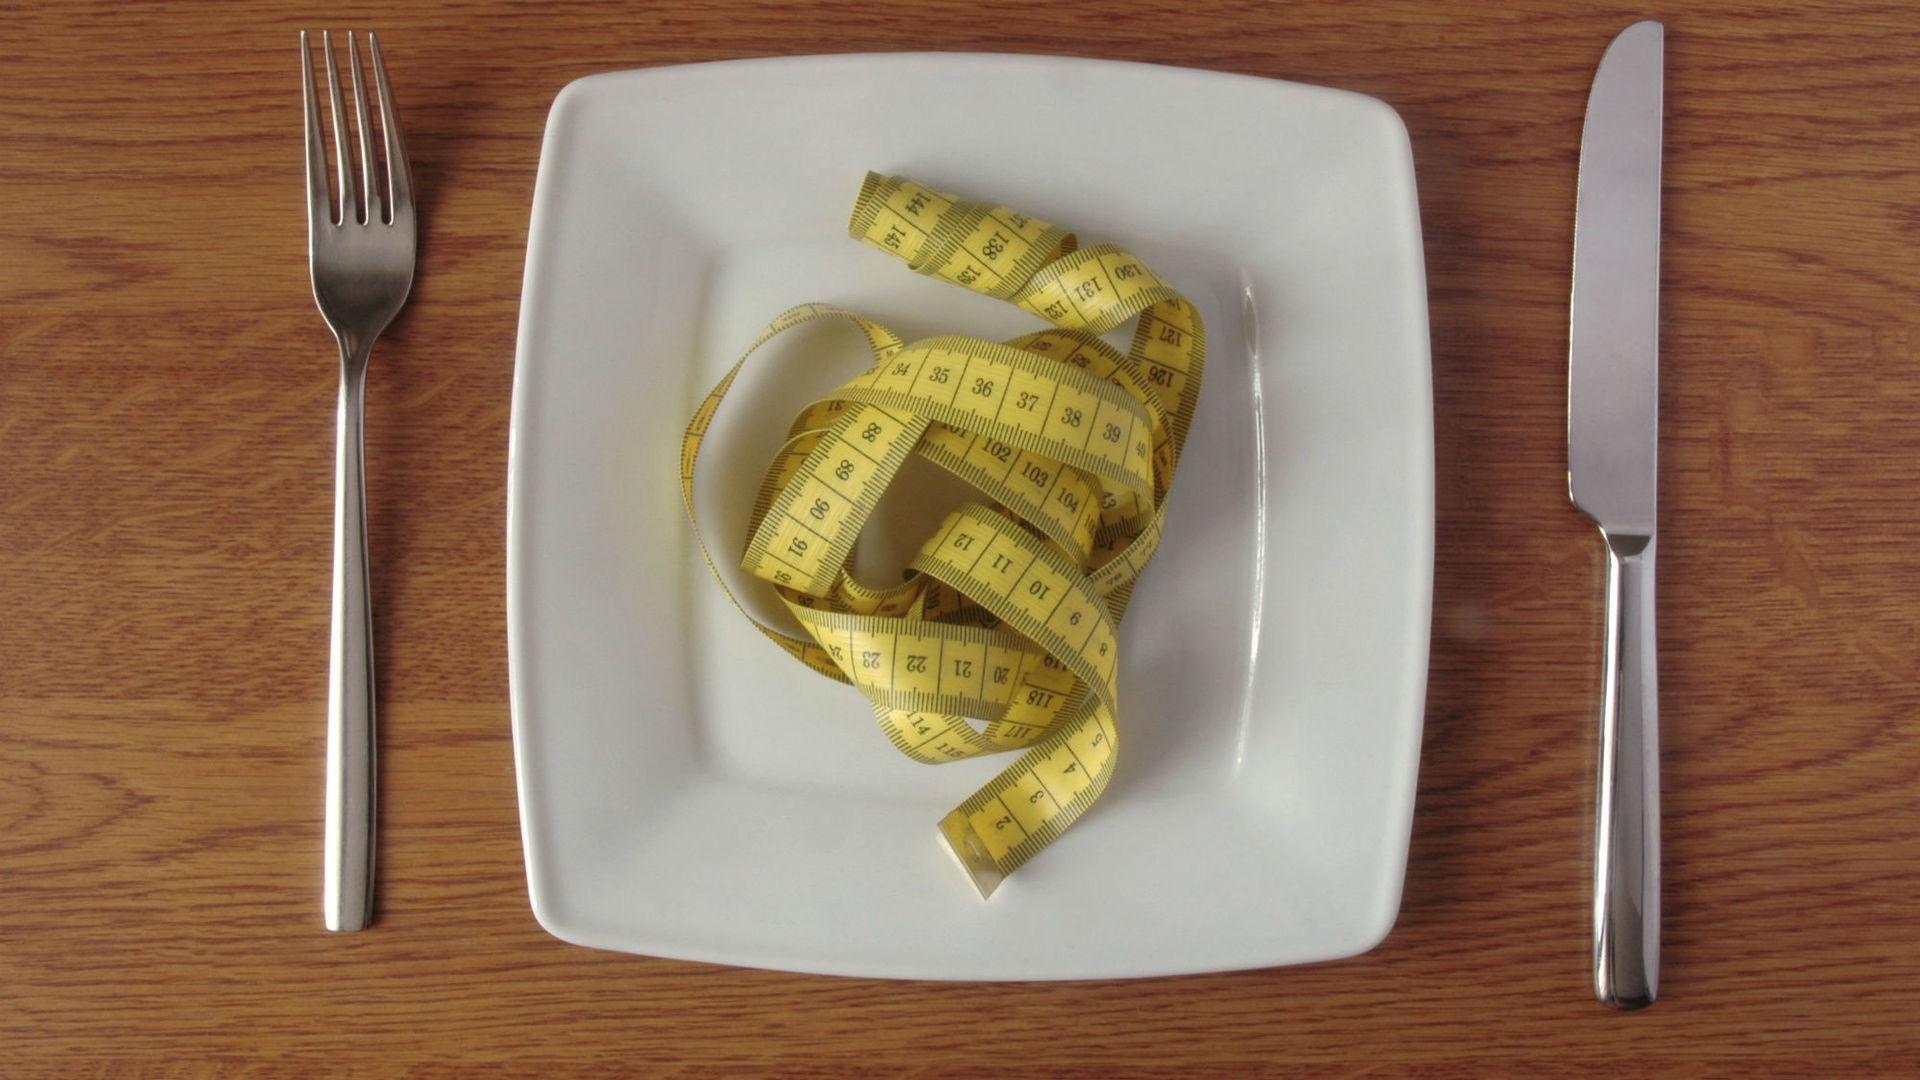 Учёные выясняют, может ли игра спасти от вредного питания пытающихся похудеть людей